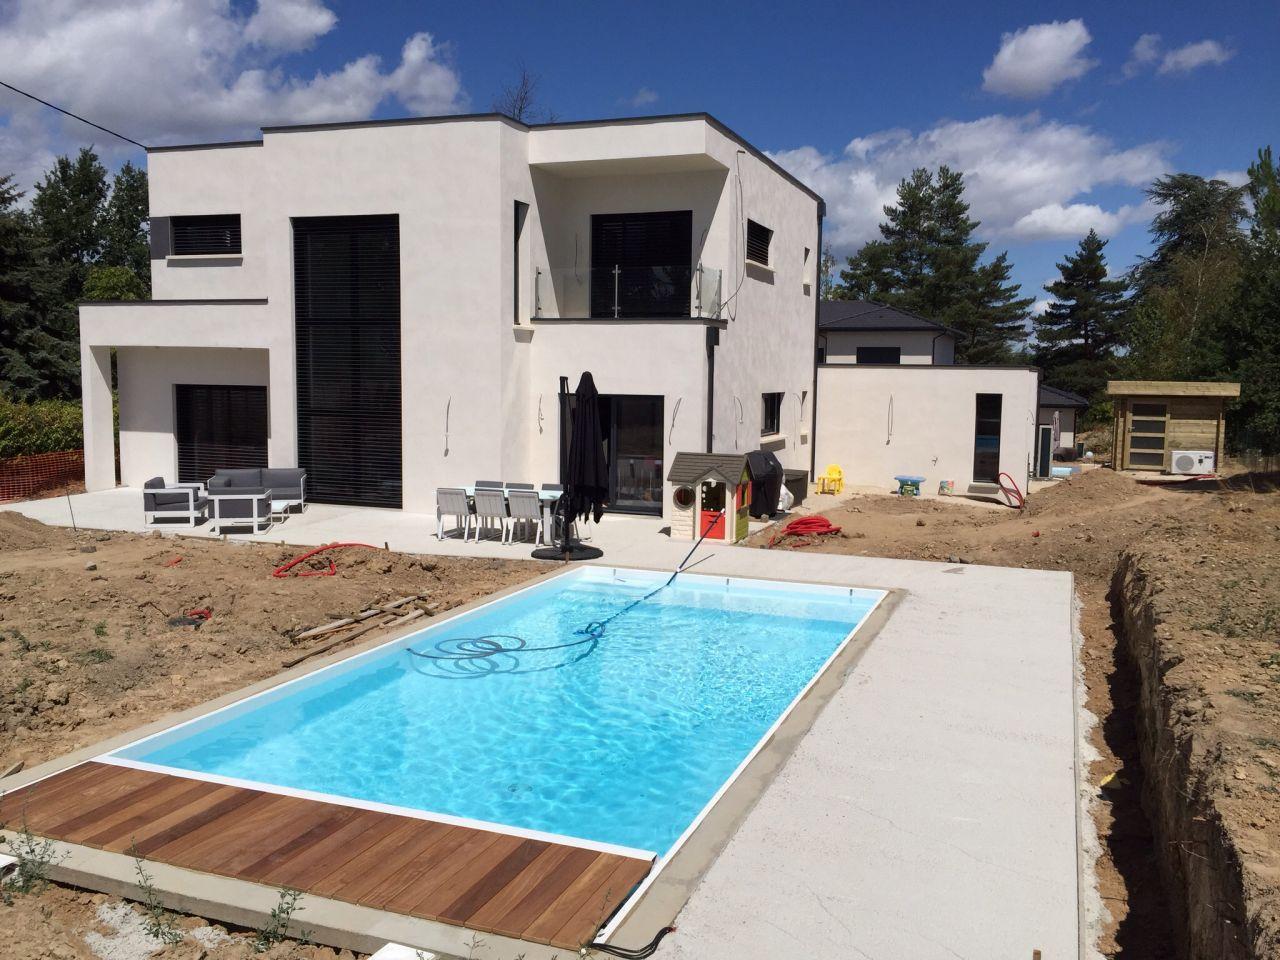 Volet roulant pour piscine immergé - Rhone (69) - juillet 2015